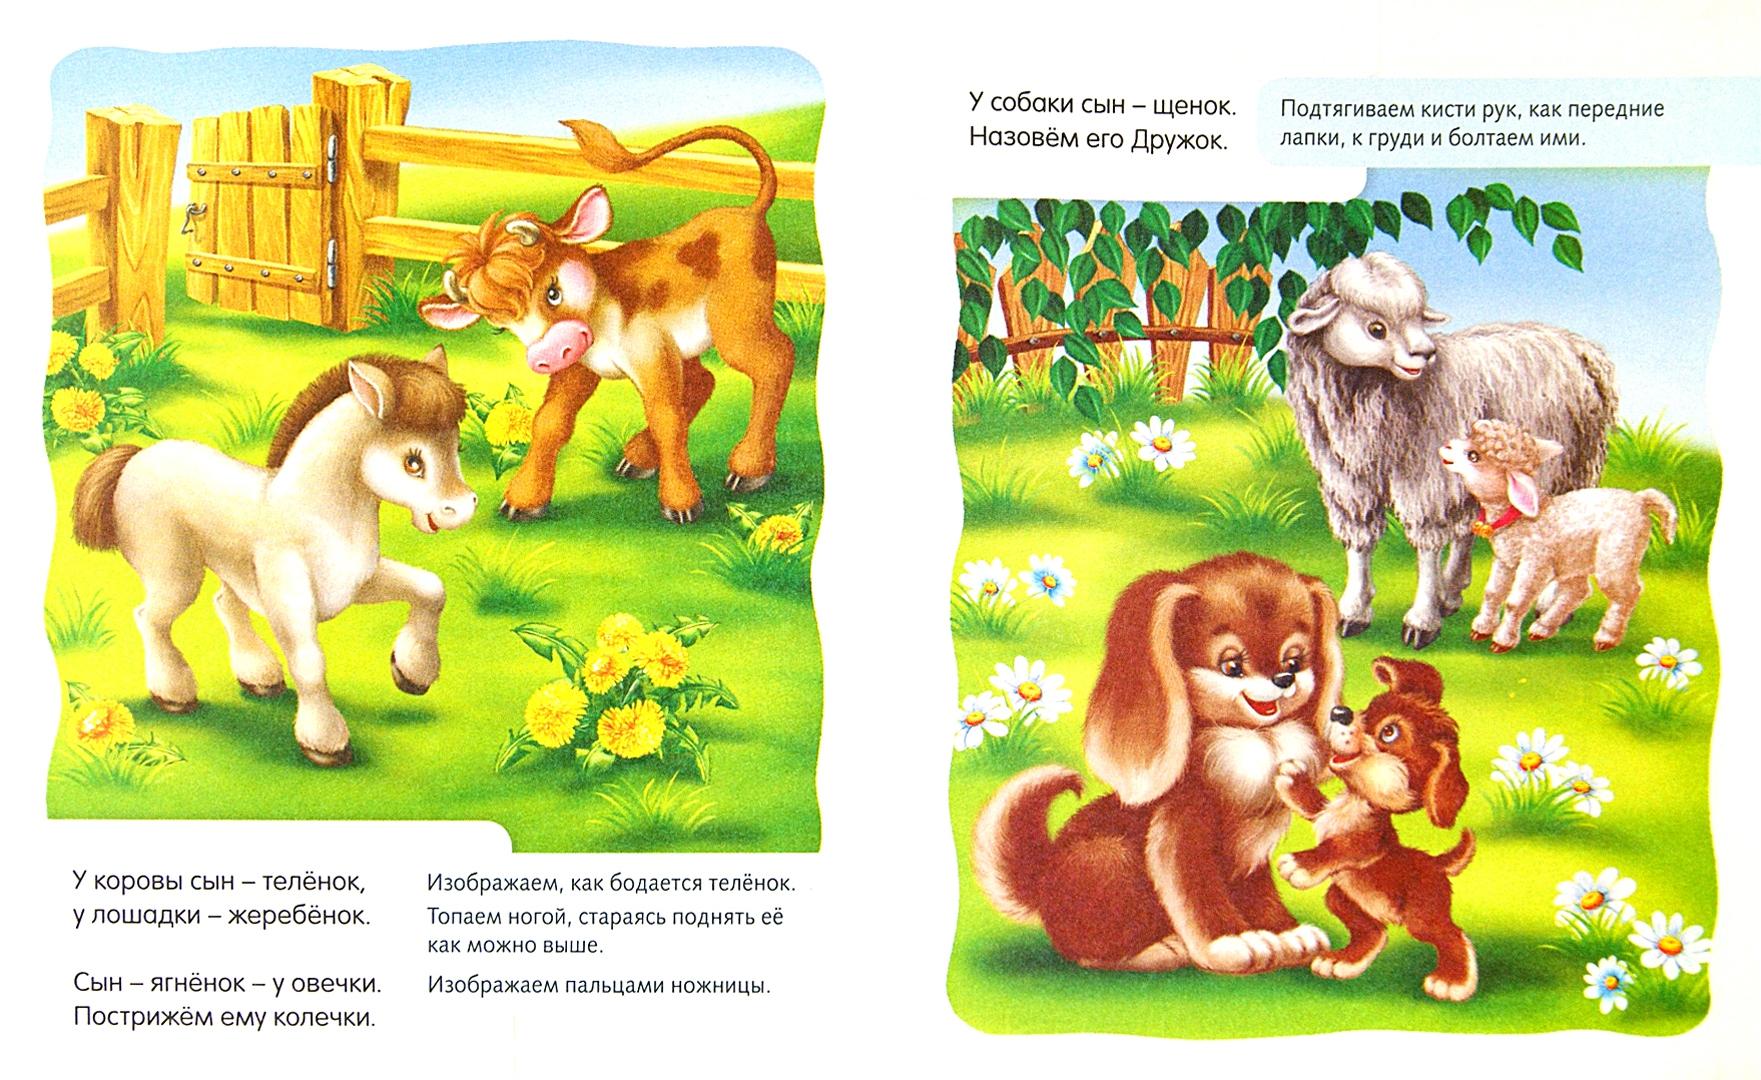 Иллюстрация 1 из 23 для Стихи с движениями. Играть мы стали в прятки - Марина Султанова   Лабиринт - книги. Источник: Лабиринт